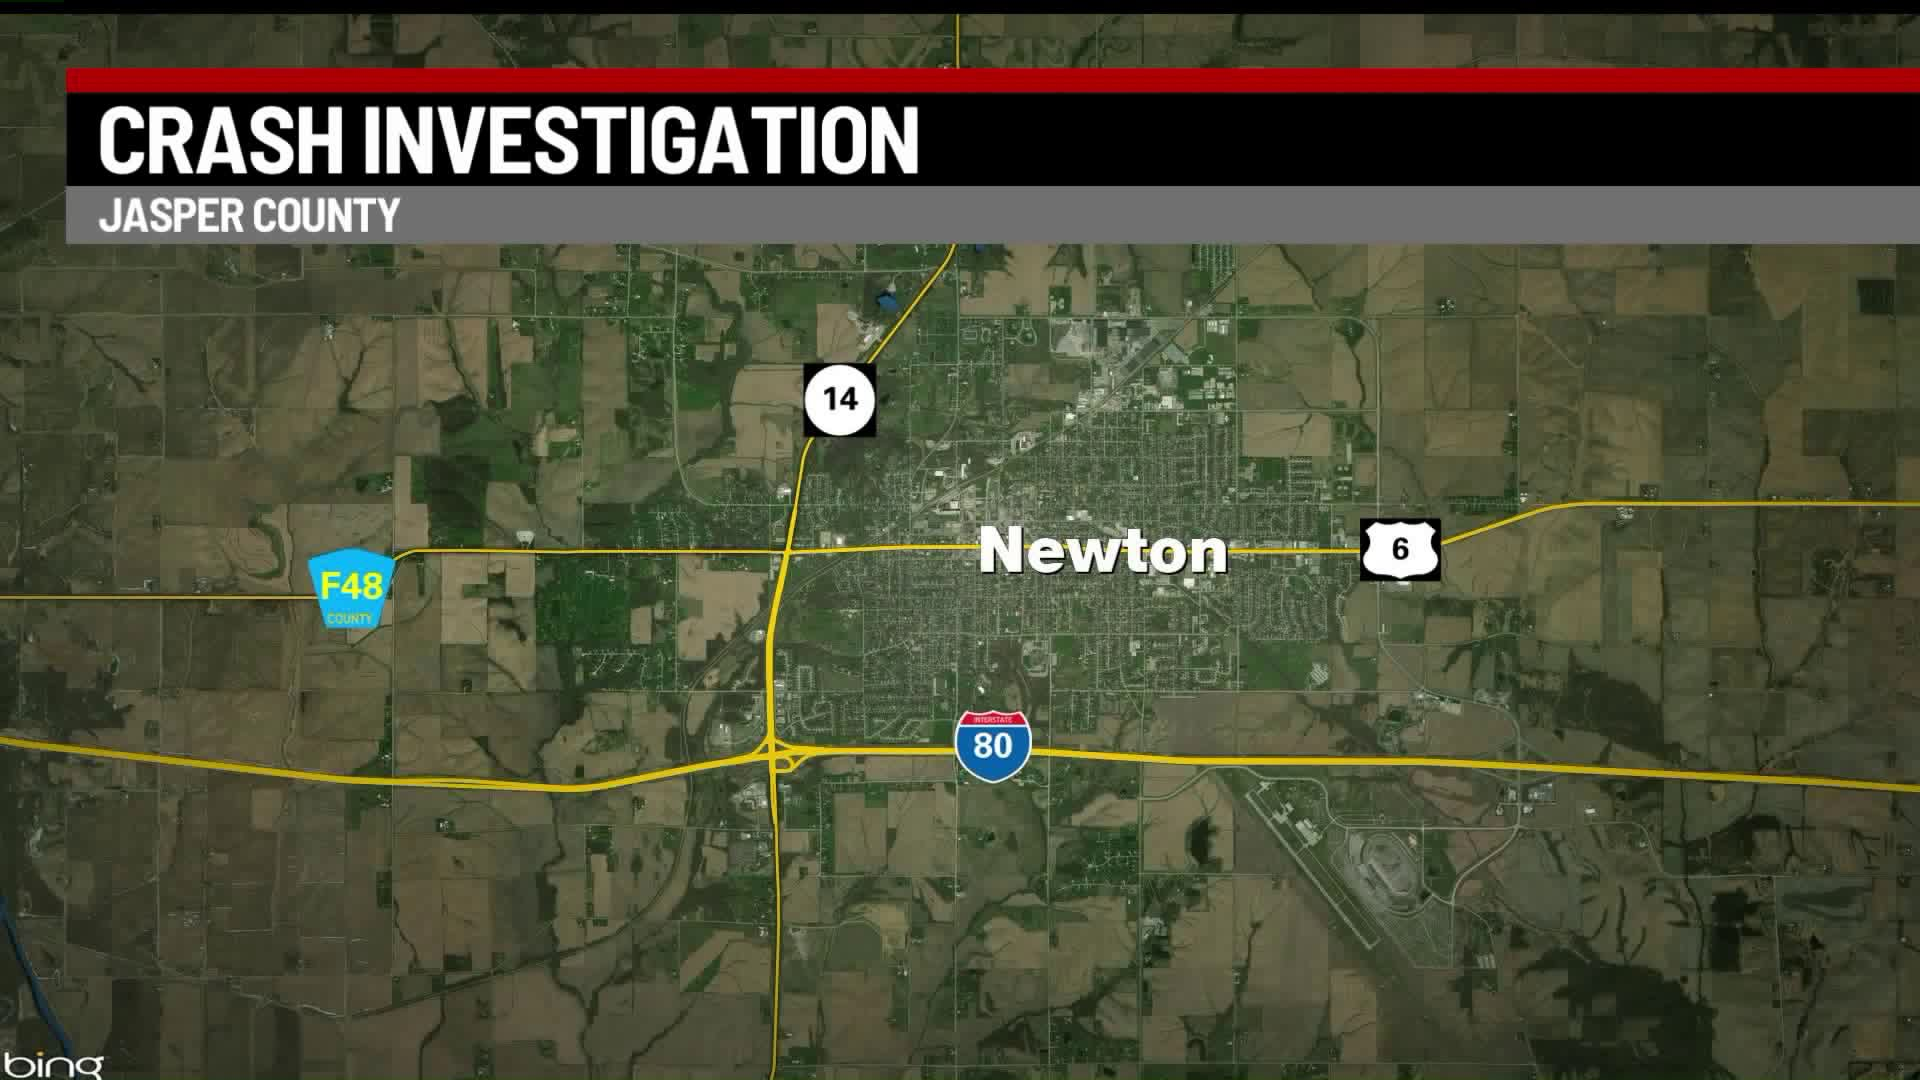 Iowa State Trooper Injured While Responding to Semi Crash Near Newton 1